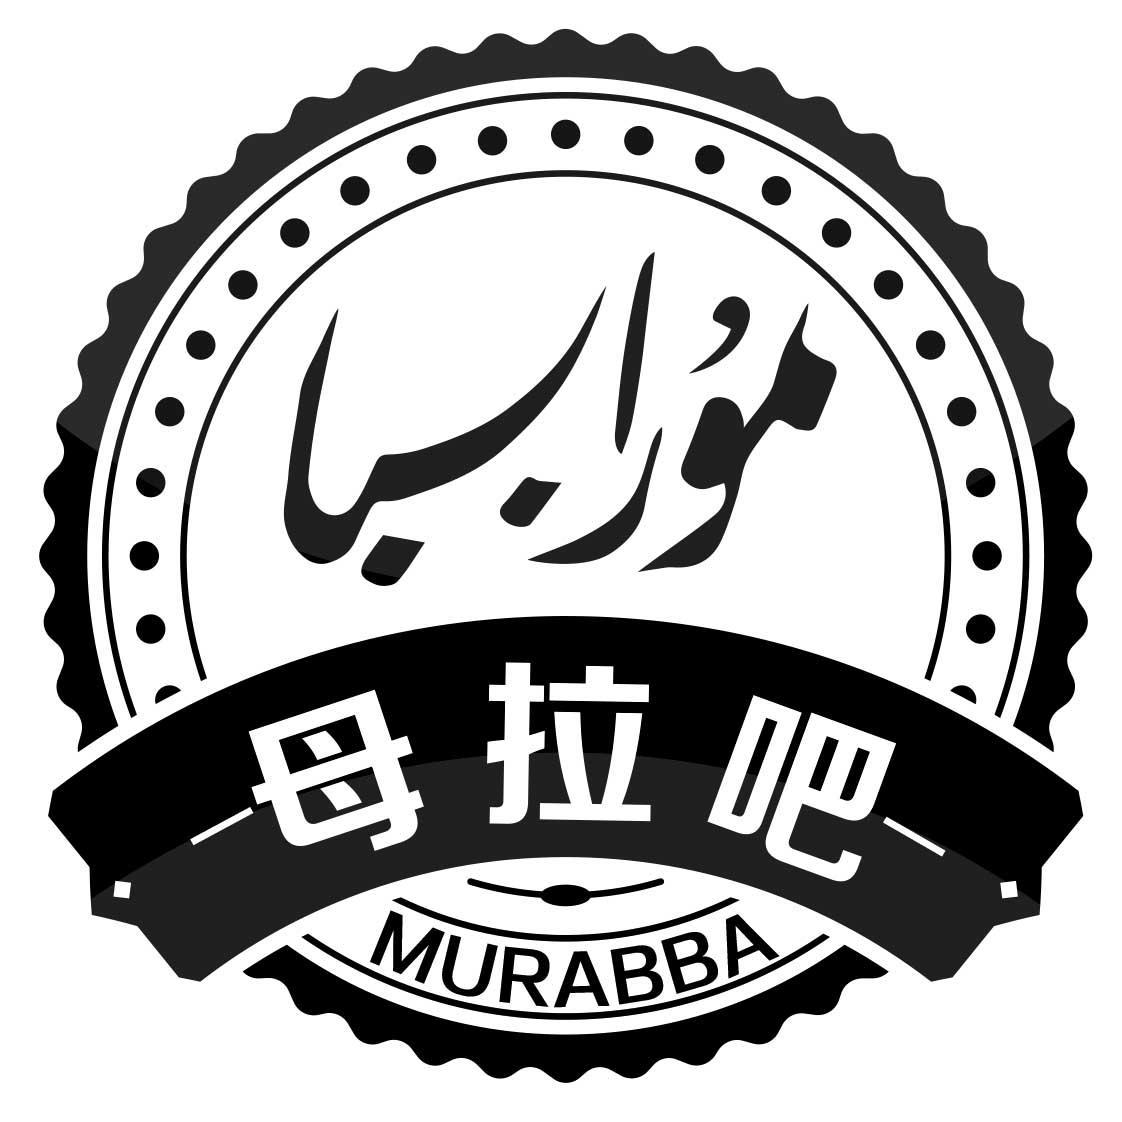 商标文字母拉吧 MURABBA商标注册号 33162583、商标申请人肉孜麦麦踢?玉努斯的商标详情 - 标库网商标查询